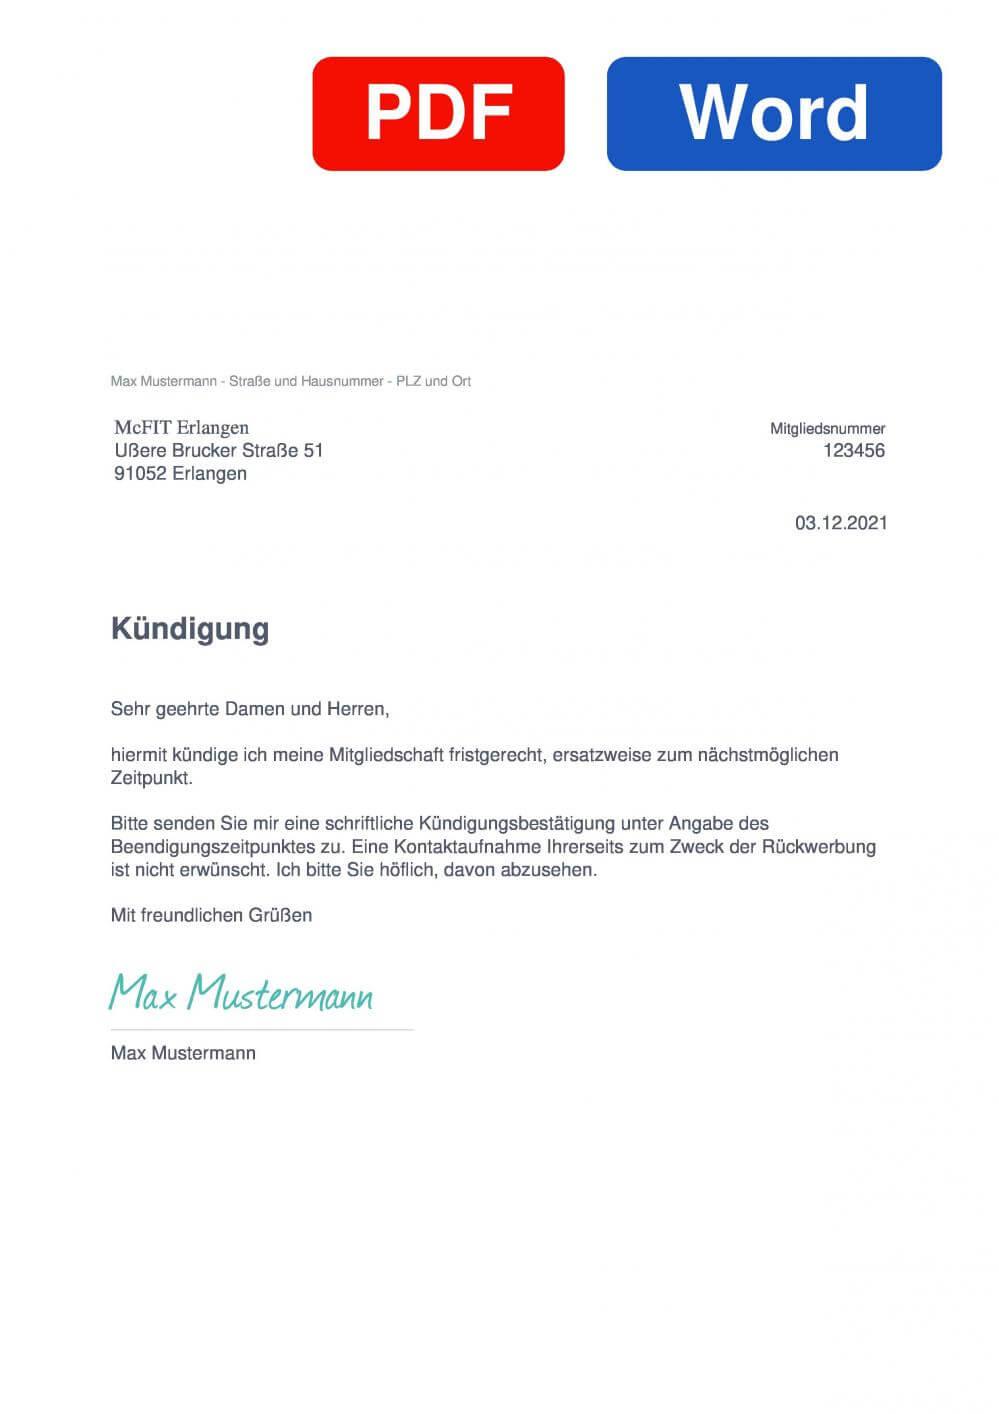 McFIT Erlangen Muster Vorlage für Kündigungsschreiben